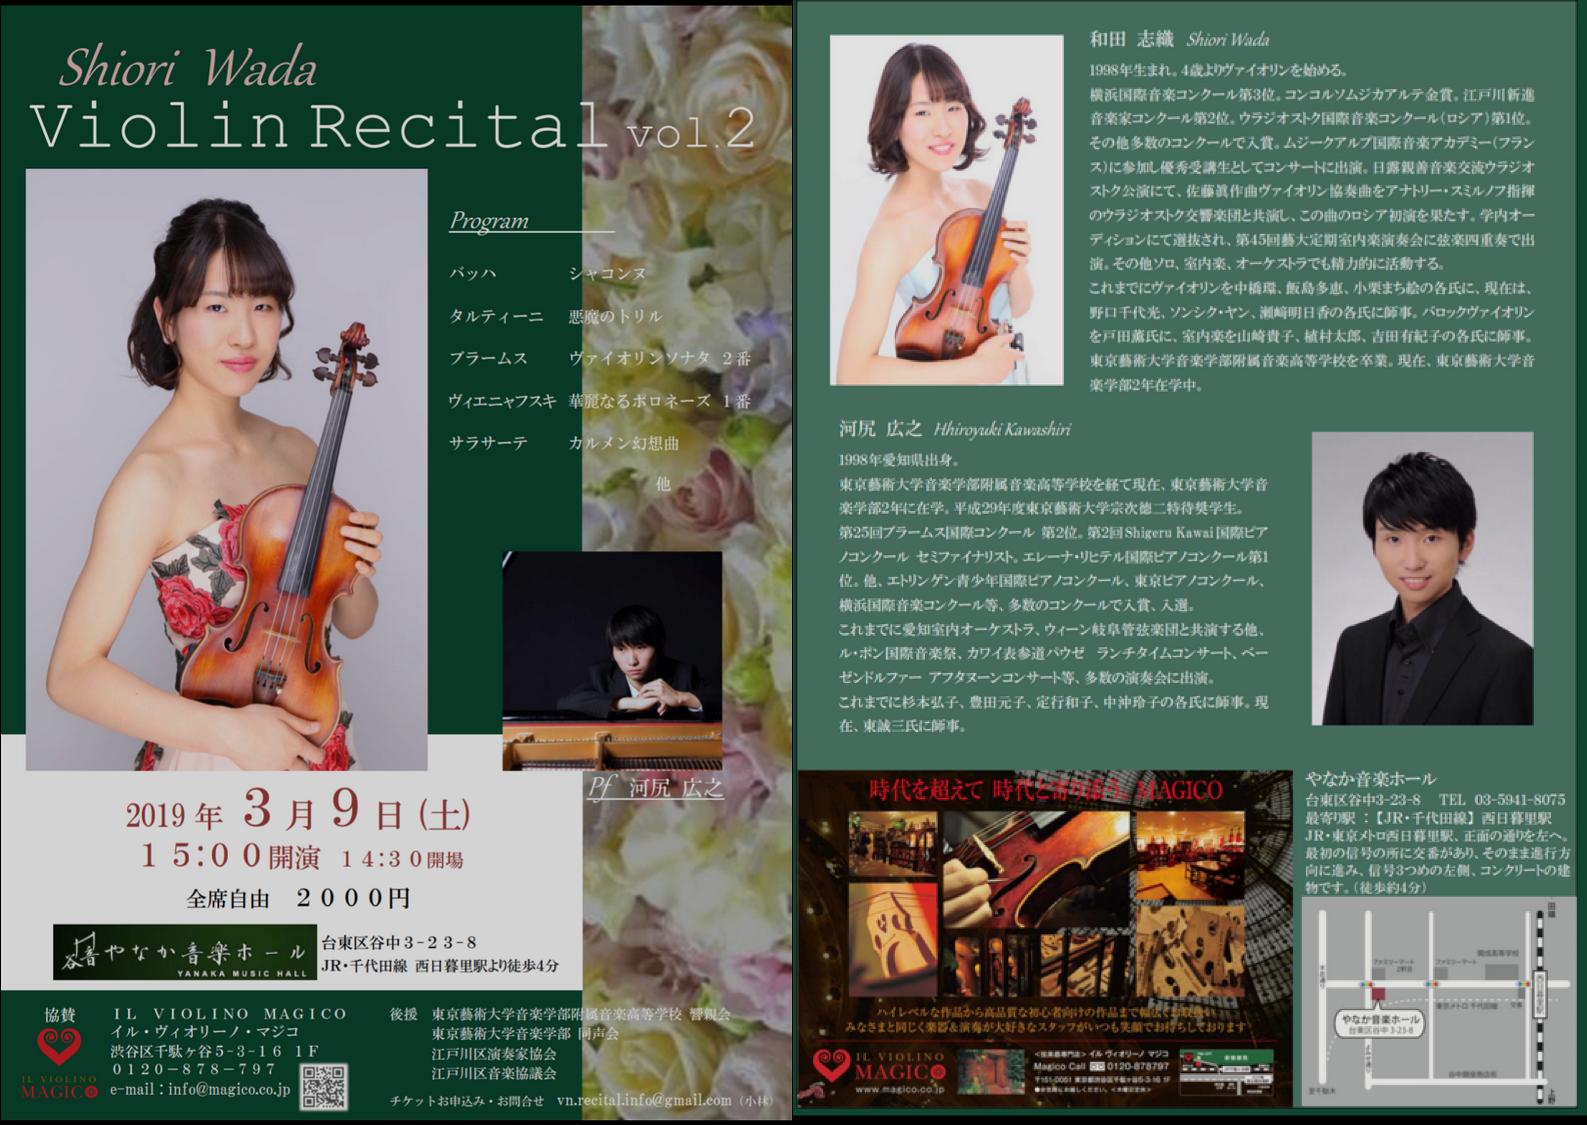 shiori wada violinリサイタルvol2